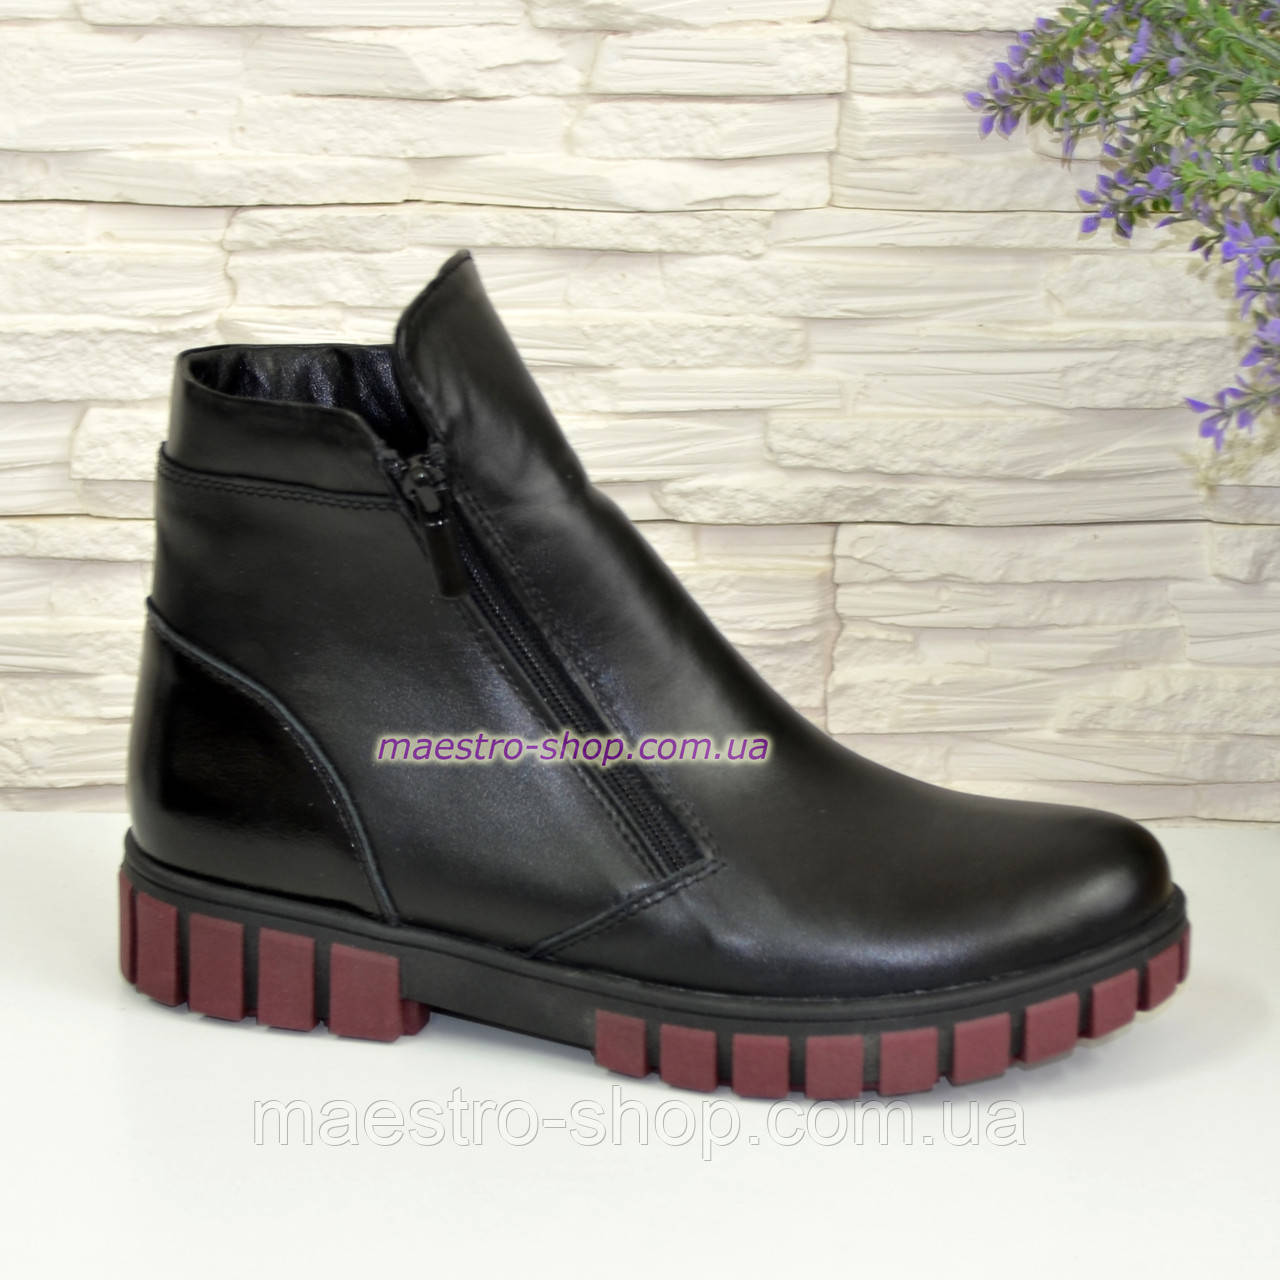 Ботинки для девочки на утолщённой подошве, цвет черный